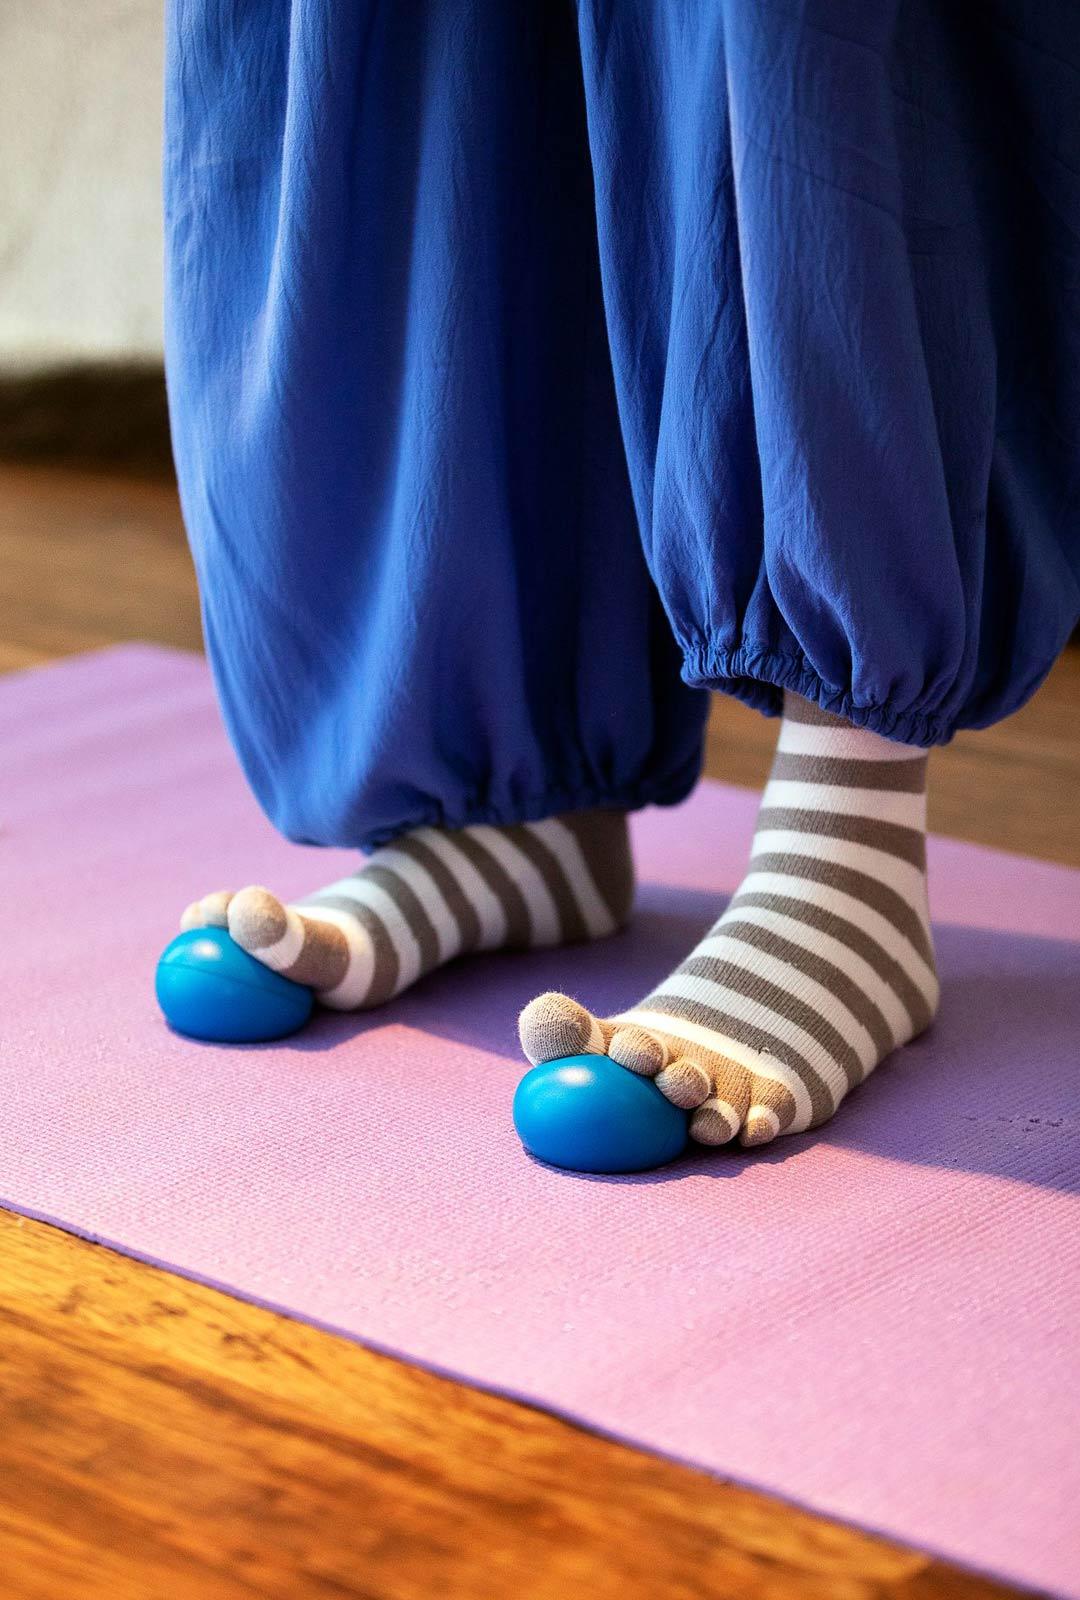 Kantapään tulehdus on etenkin seisomatyötä tekeville yleinen vaiva, josta toipuminen kestää pitkään. Jalkateriä voi vahvistaa esimerkiksi Footbic-pallojen avulla.